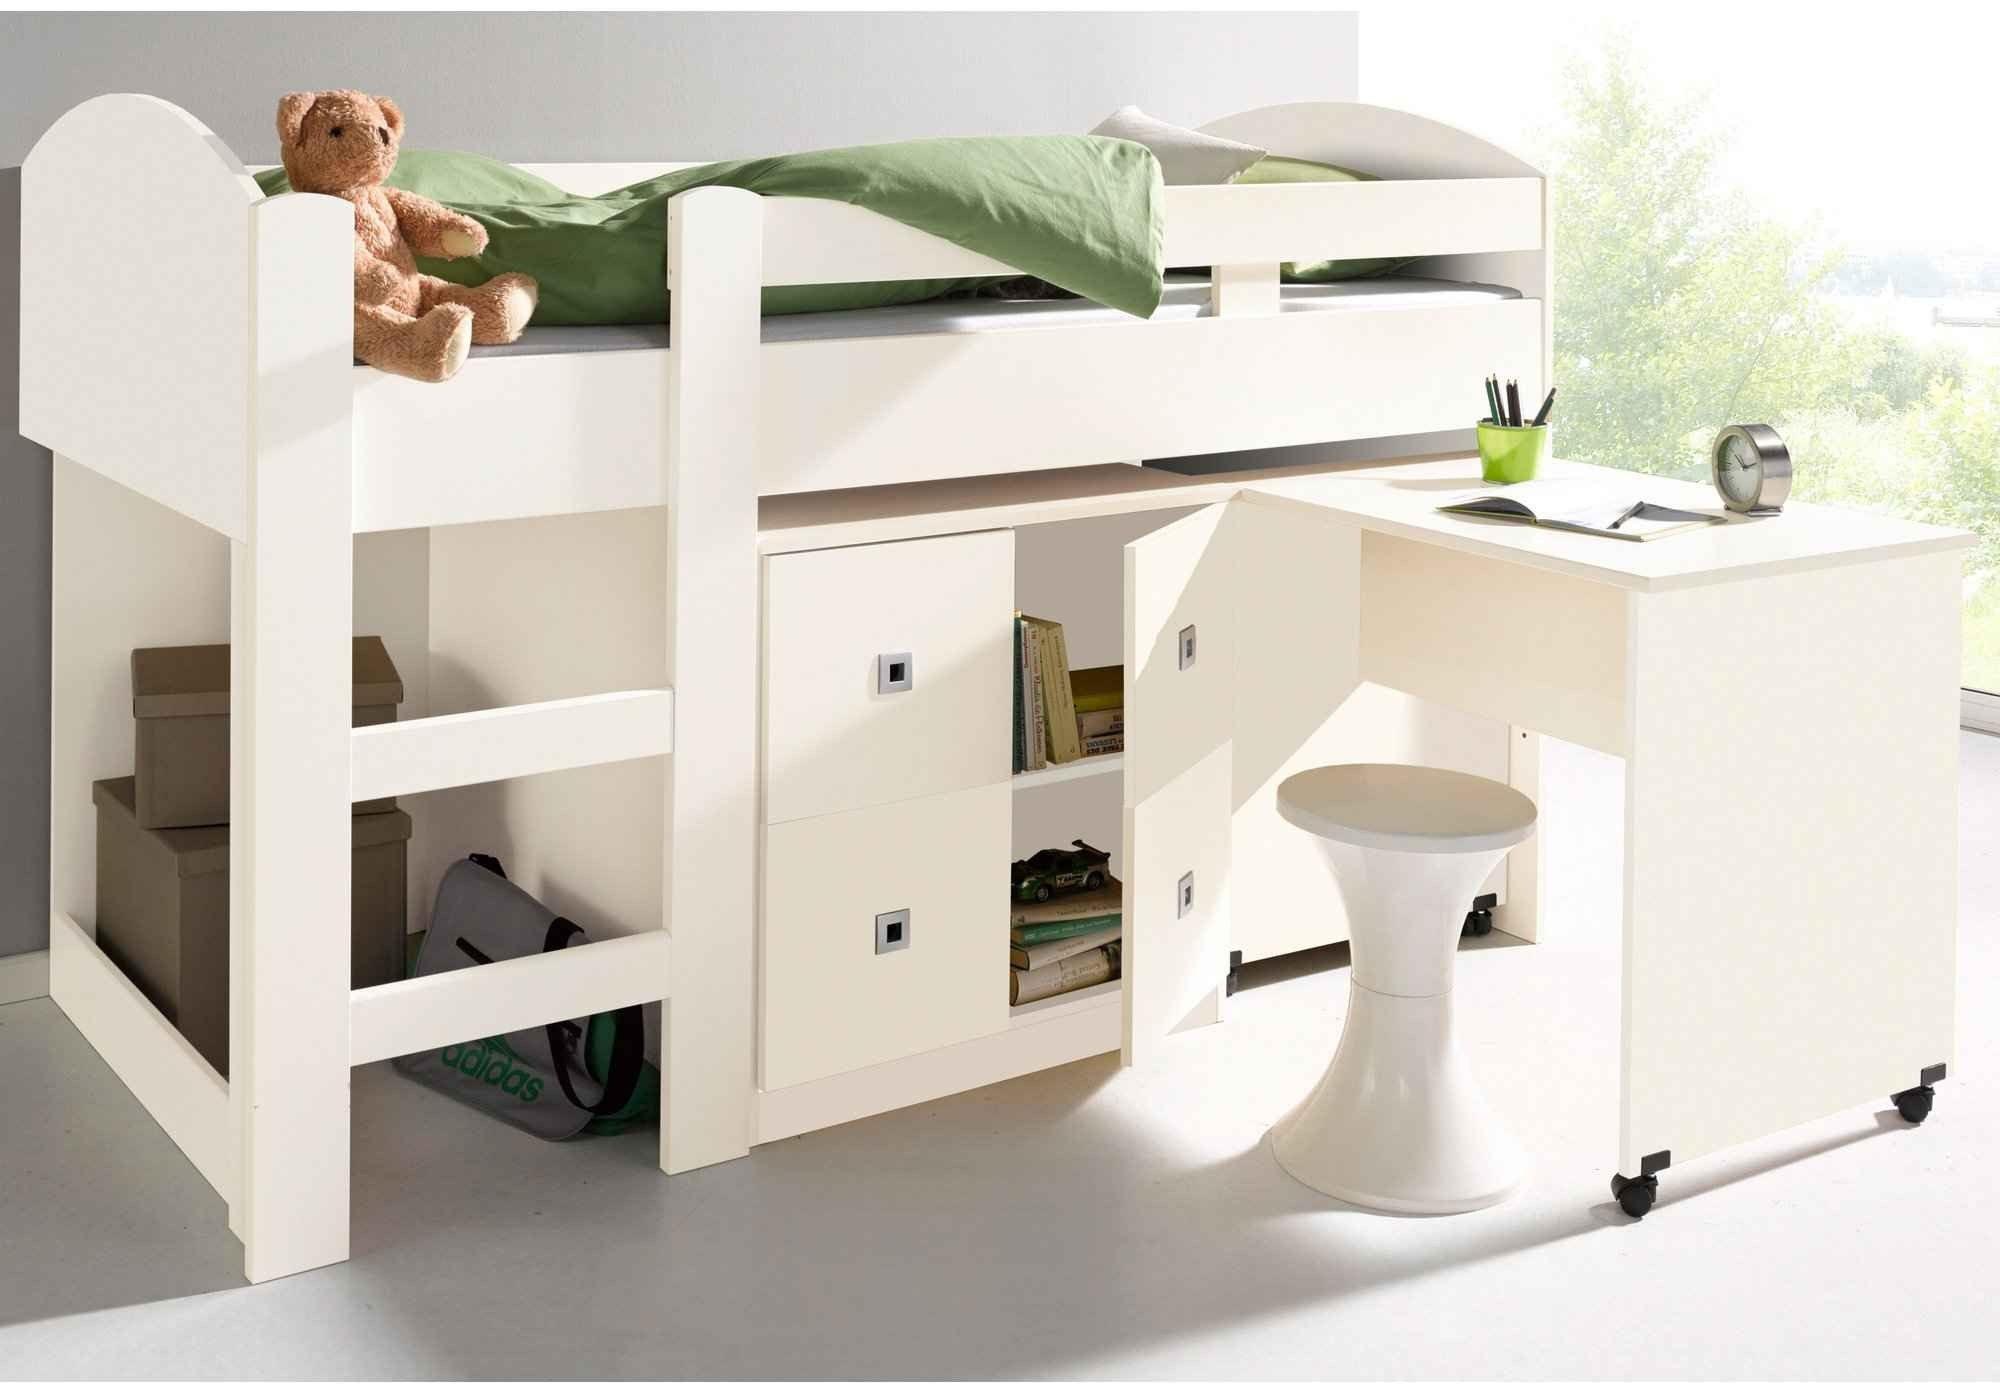 Lit Superposé 2 Places Inspiré Séduisant Chambre Enfant Lit Superposé Ou Lit Biné Armoire Fresh Lit